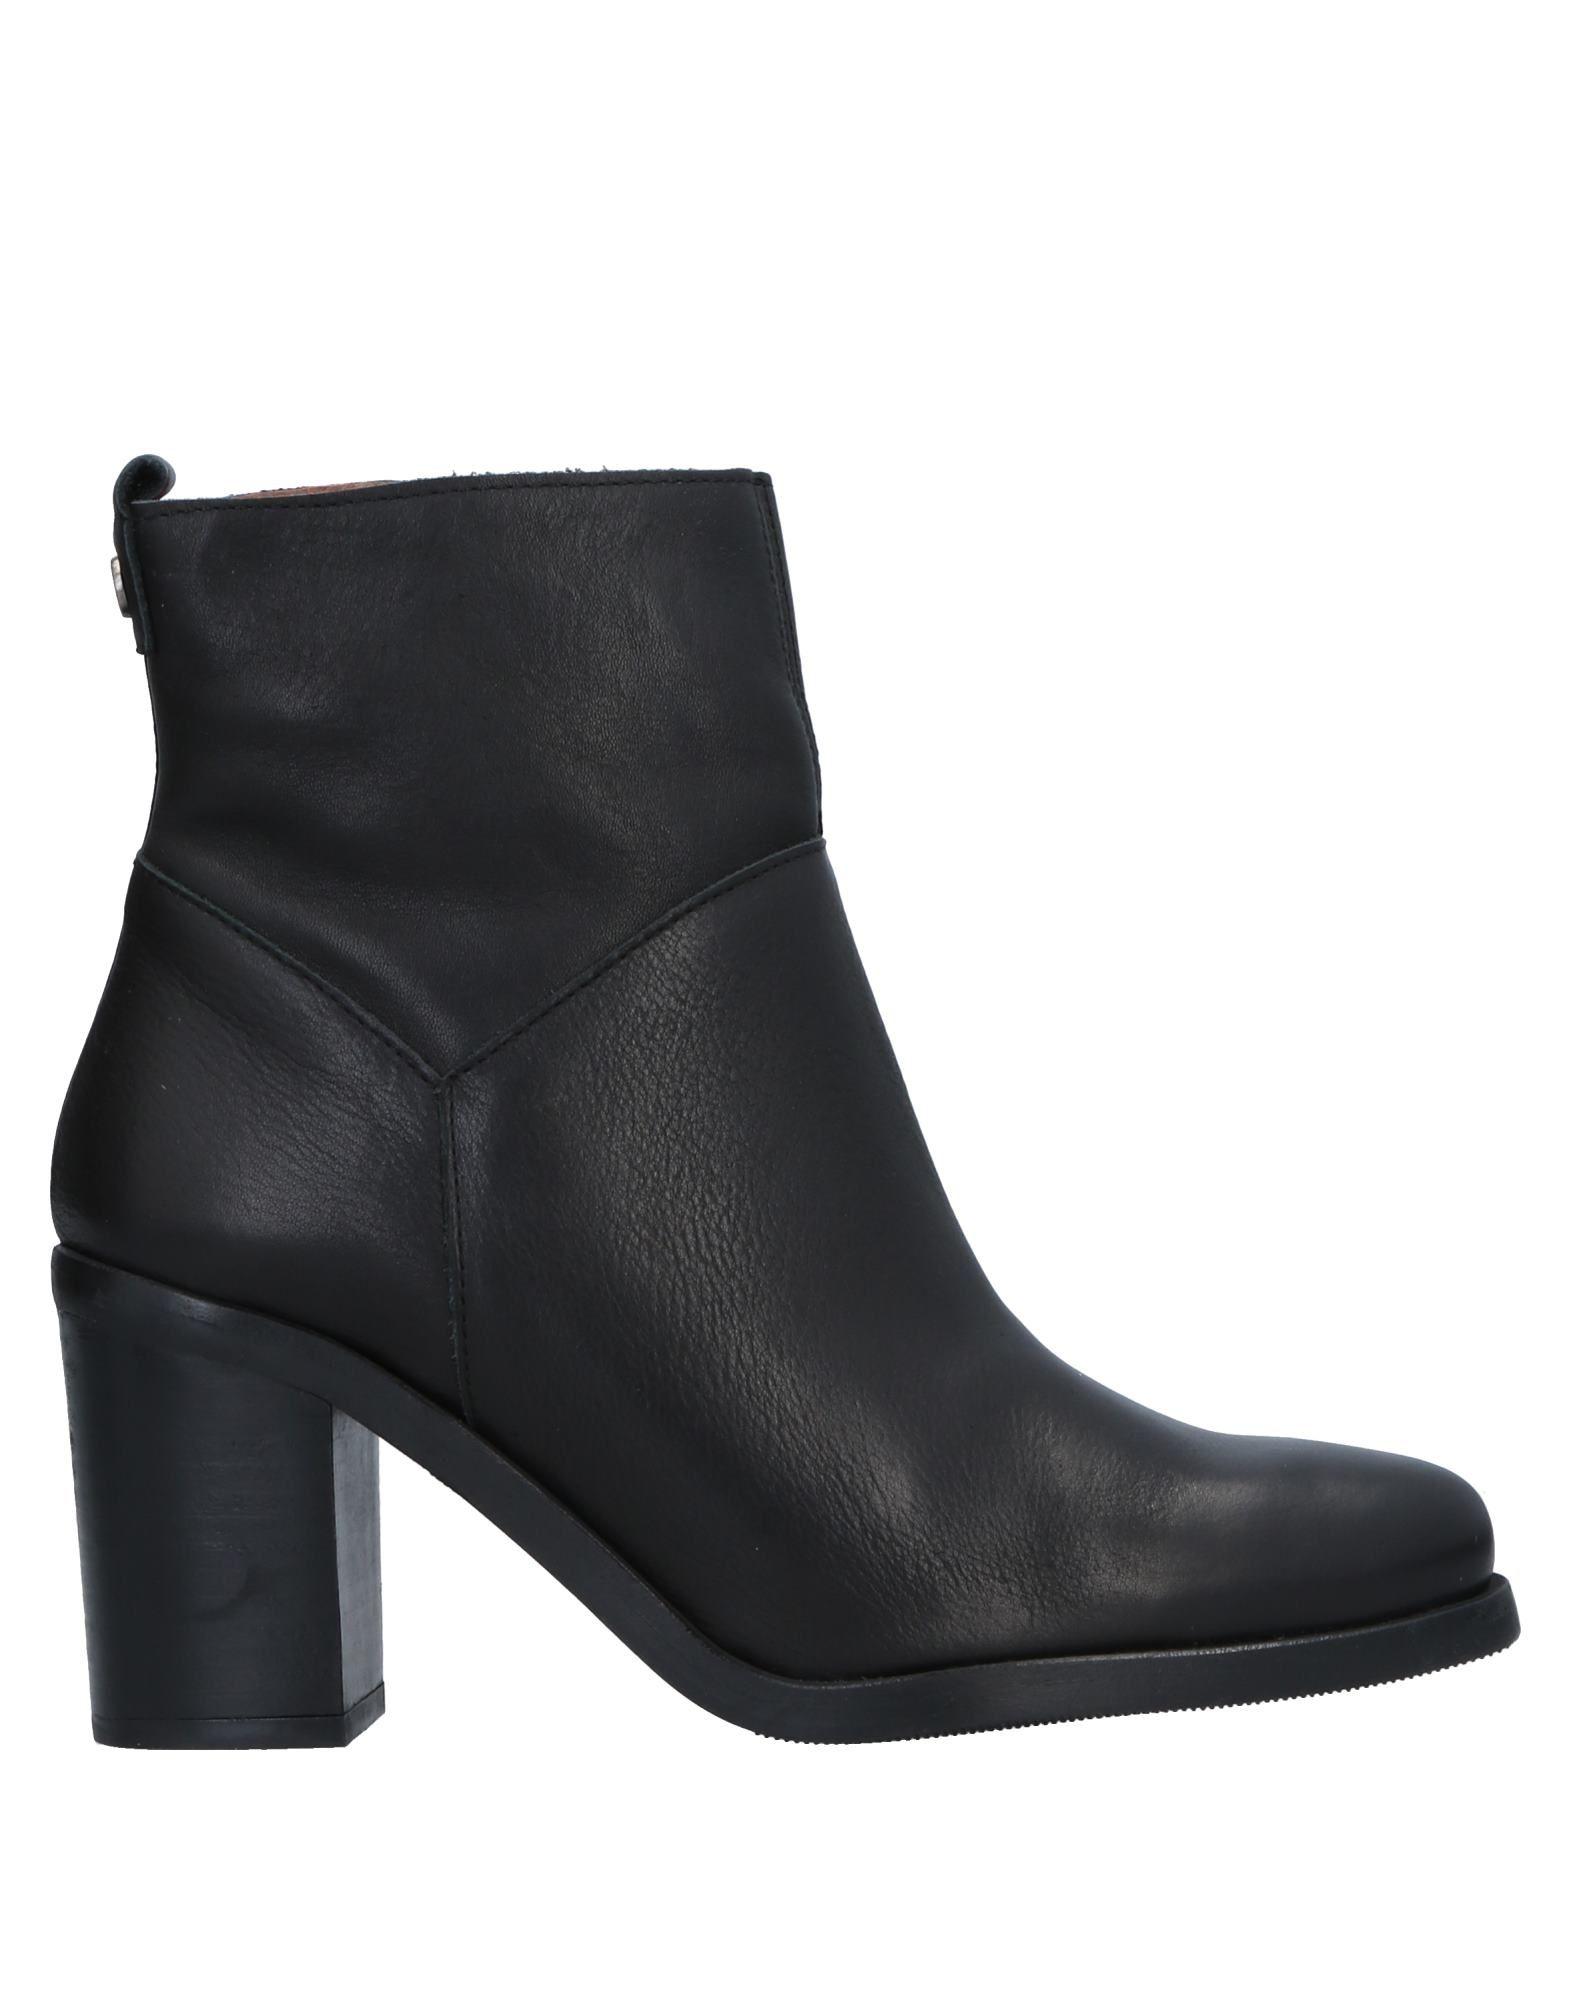 67 Sixtyseven Stiefelette Damen  11542912HQ Gute Qualität beliebte Schuhe